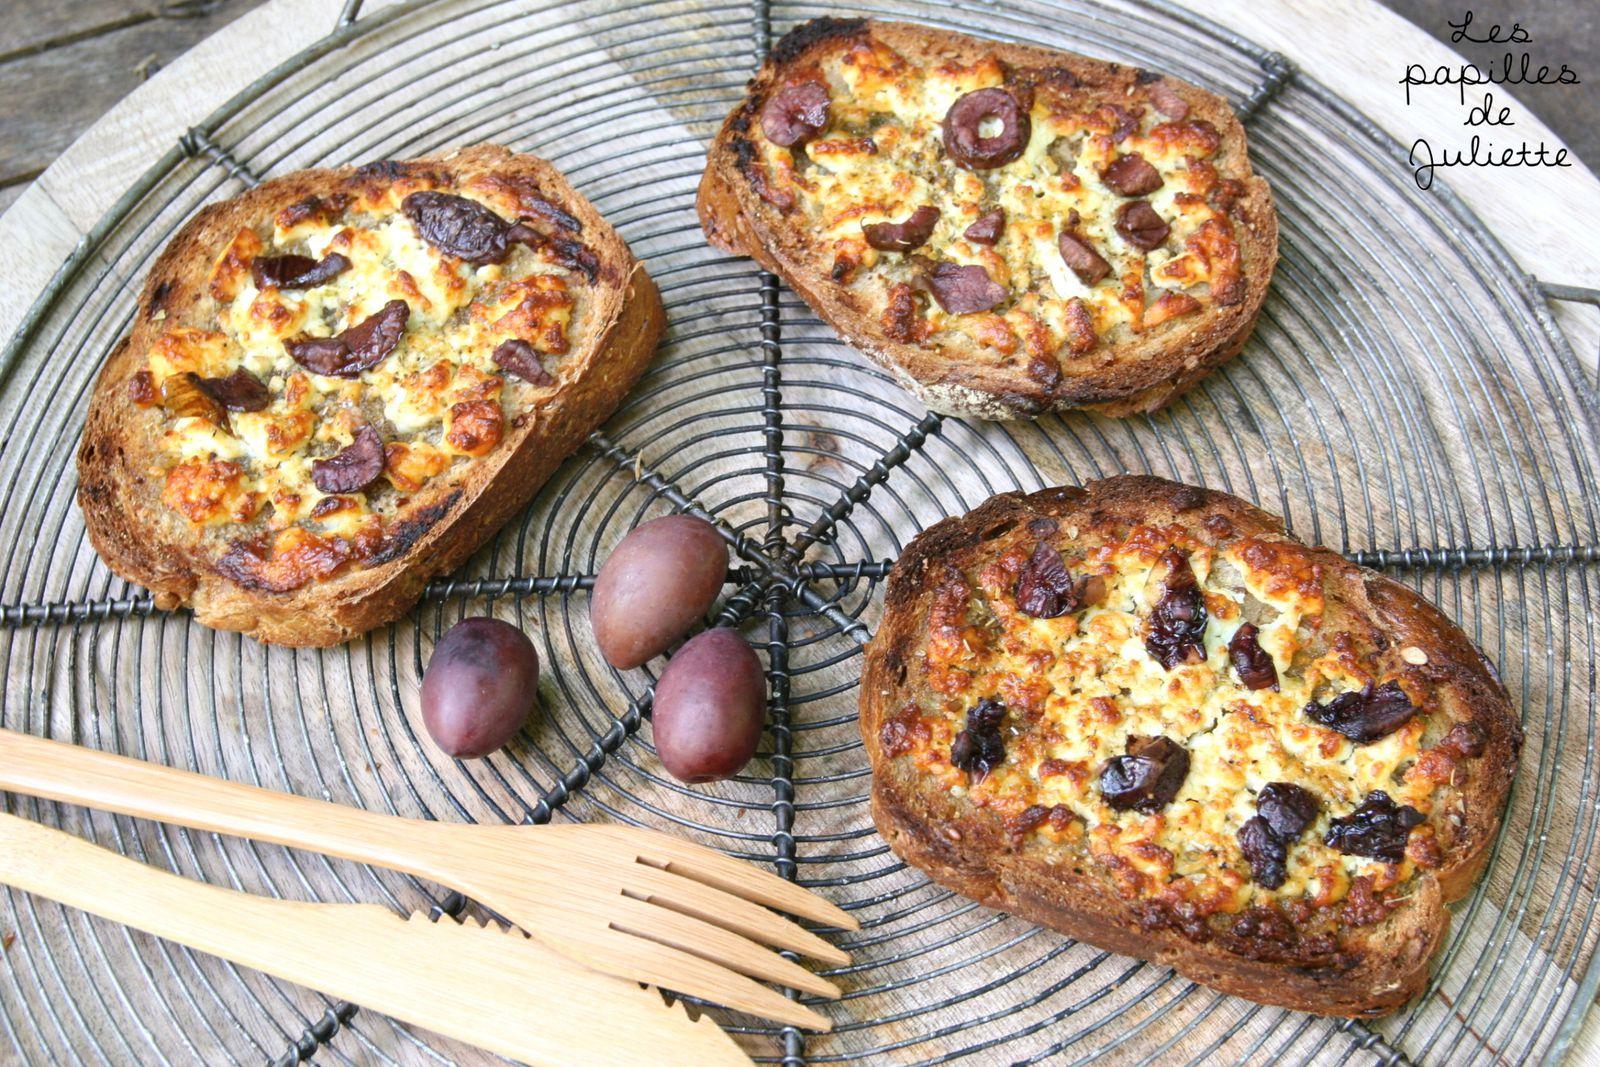 ▲ Tartines croustillantes à la feta gratinée, au miel et aux olives noires ▲